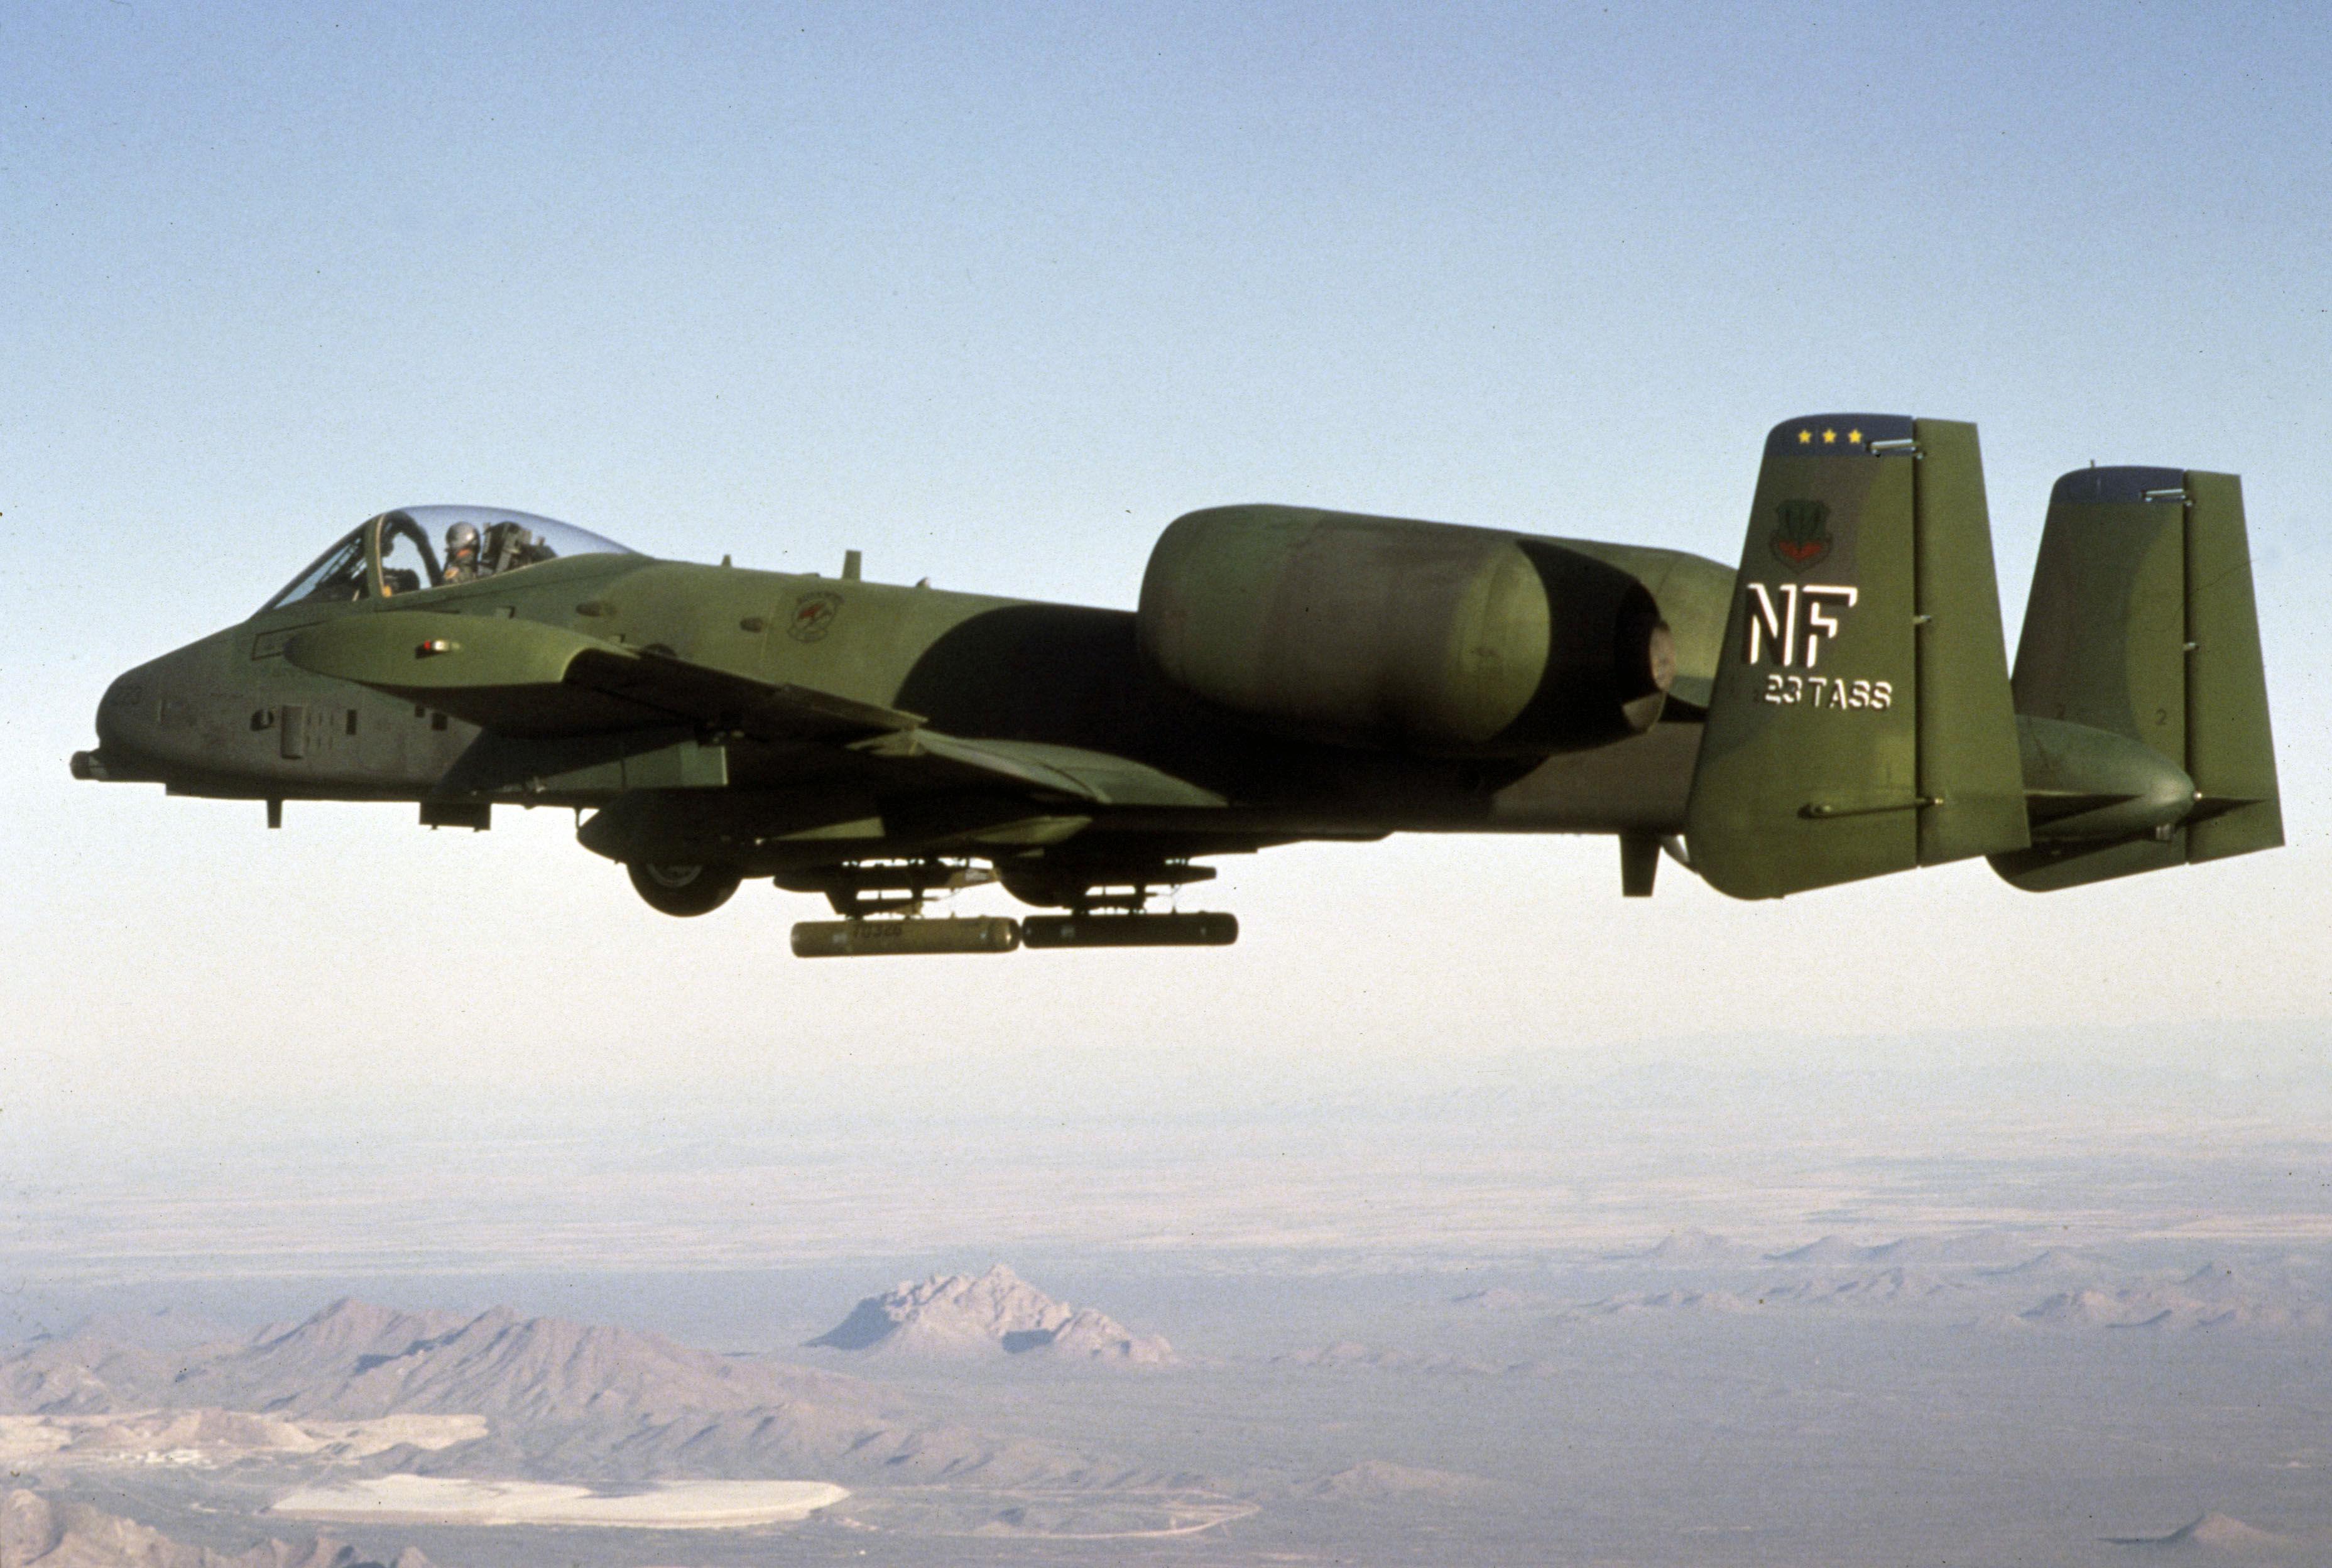 12925 - ¿Qué avión de caza define tu personalidad?